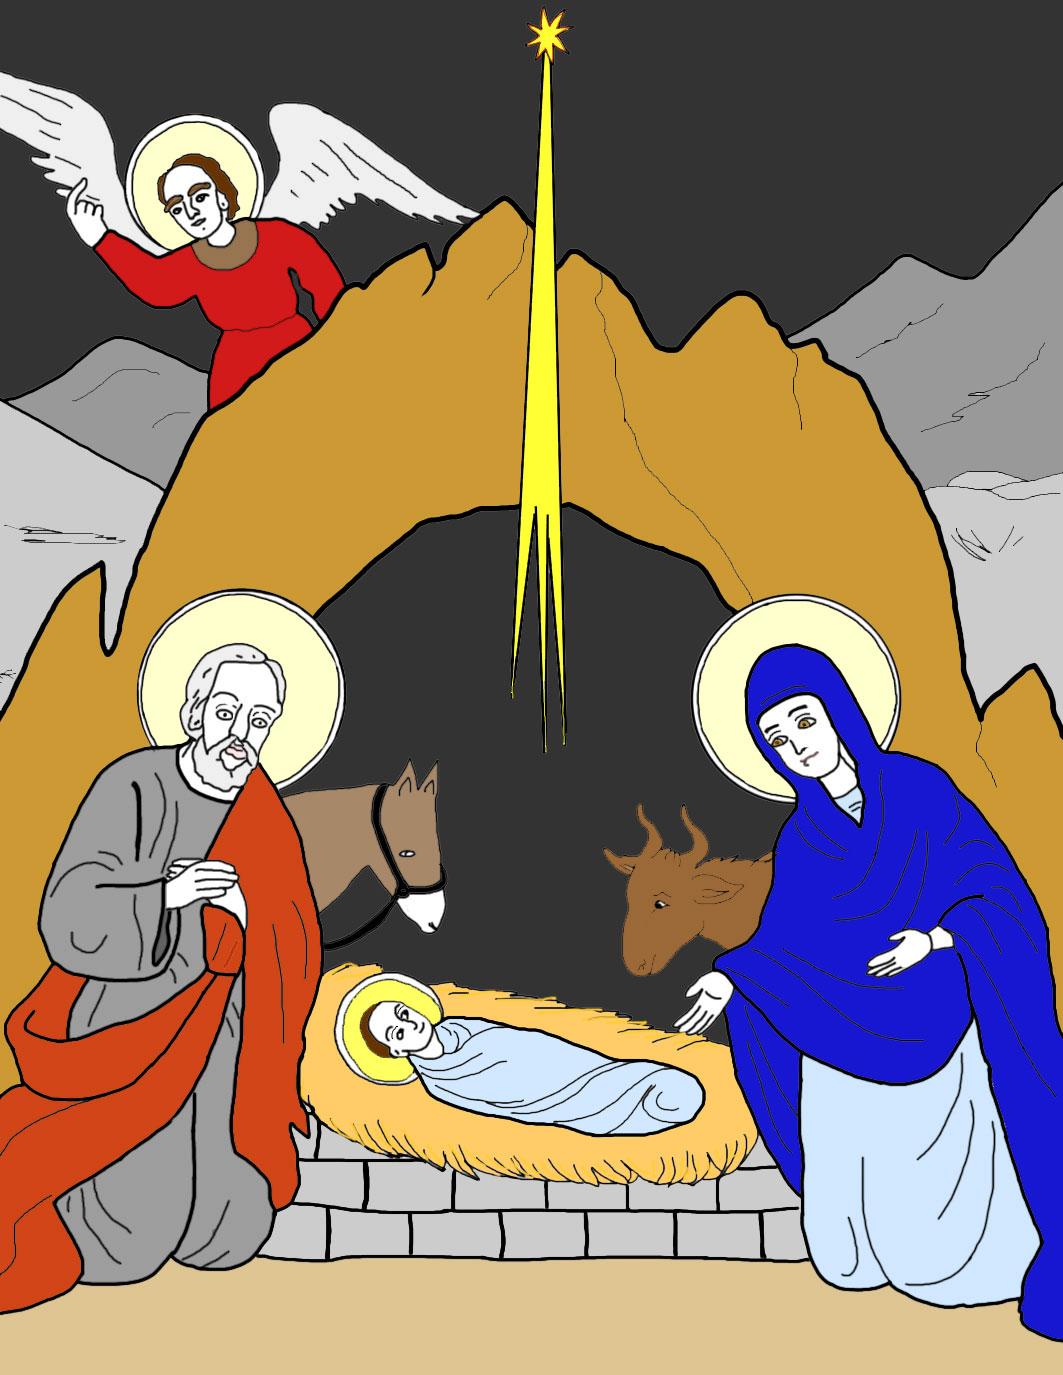 Nativity scene.